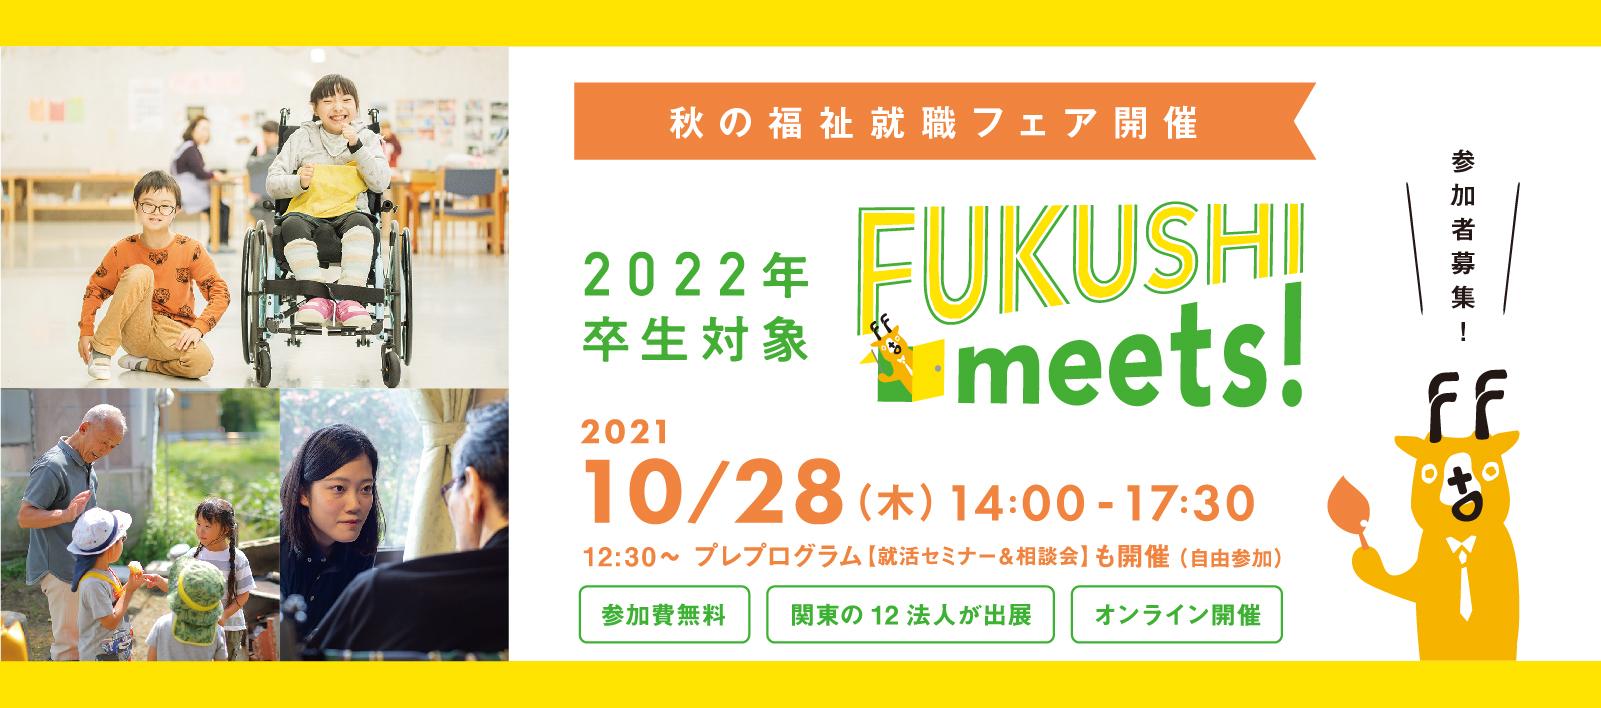 Fukushi meets! 2022秋